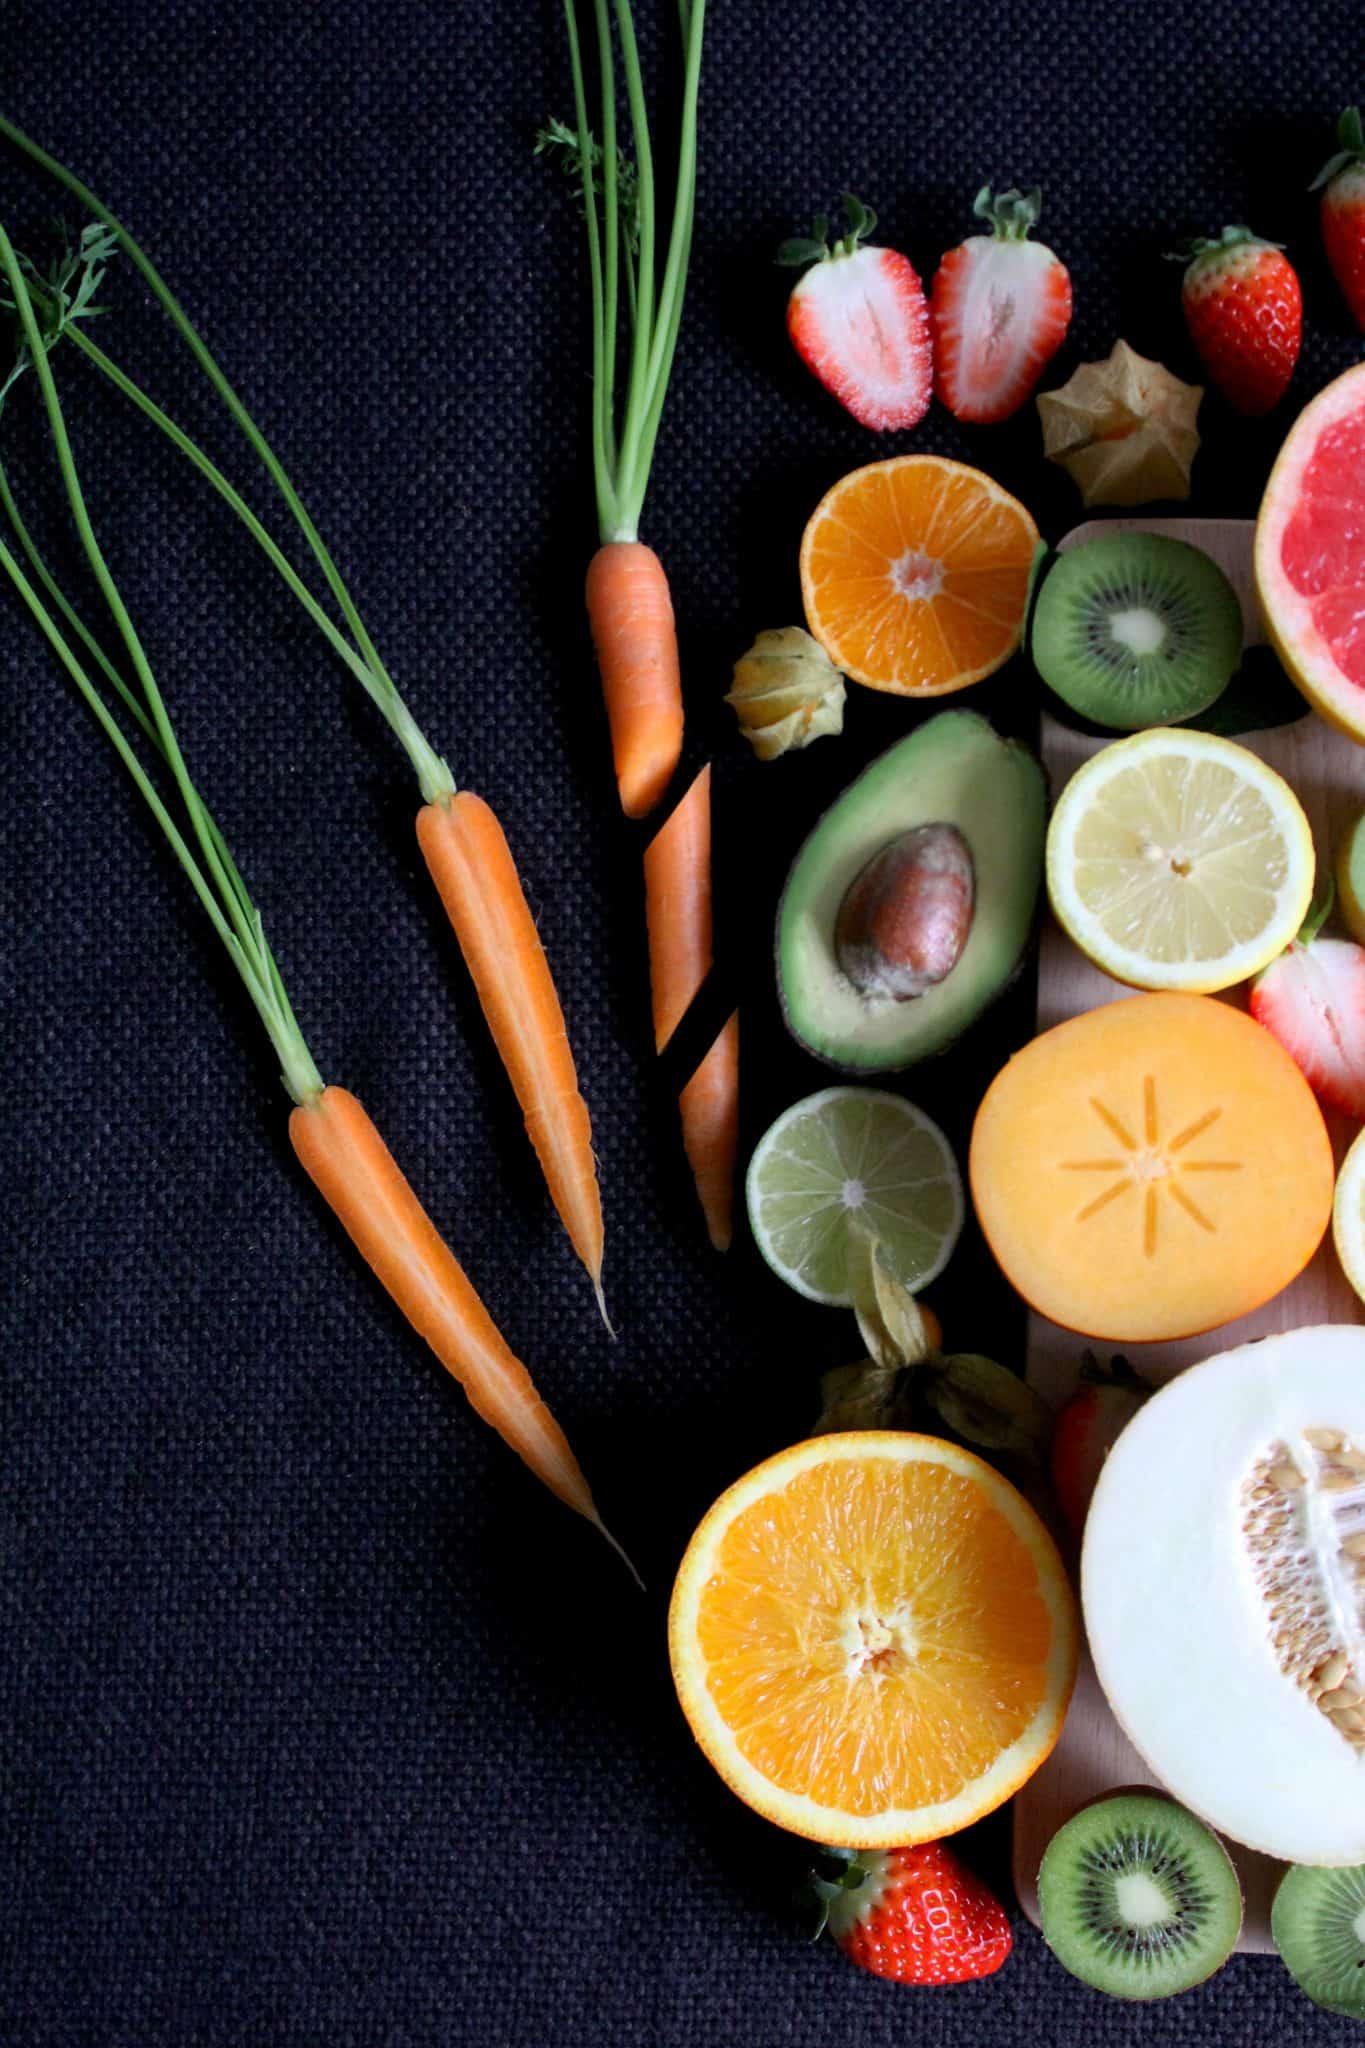 Fruit and vegetables, sliced, on a dark background